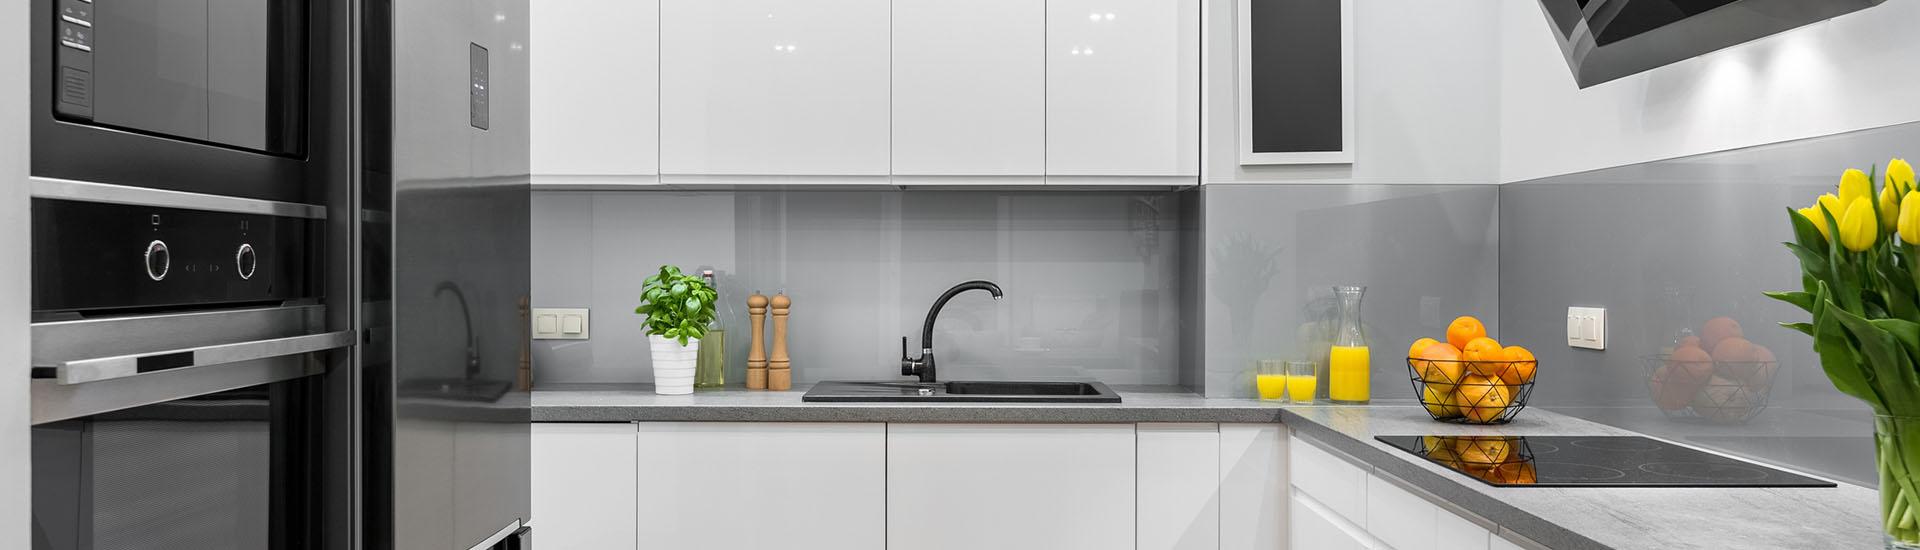 Küchenrückwände aus Glas, nach RAL beschichtet